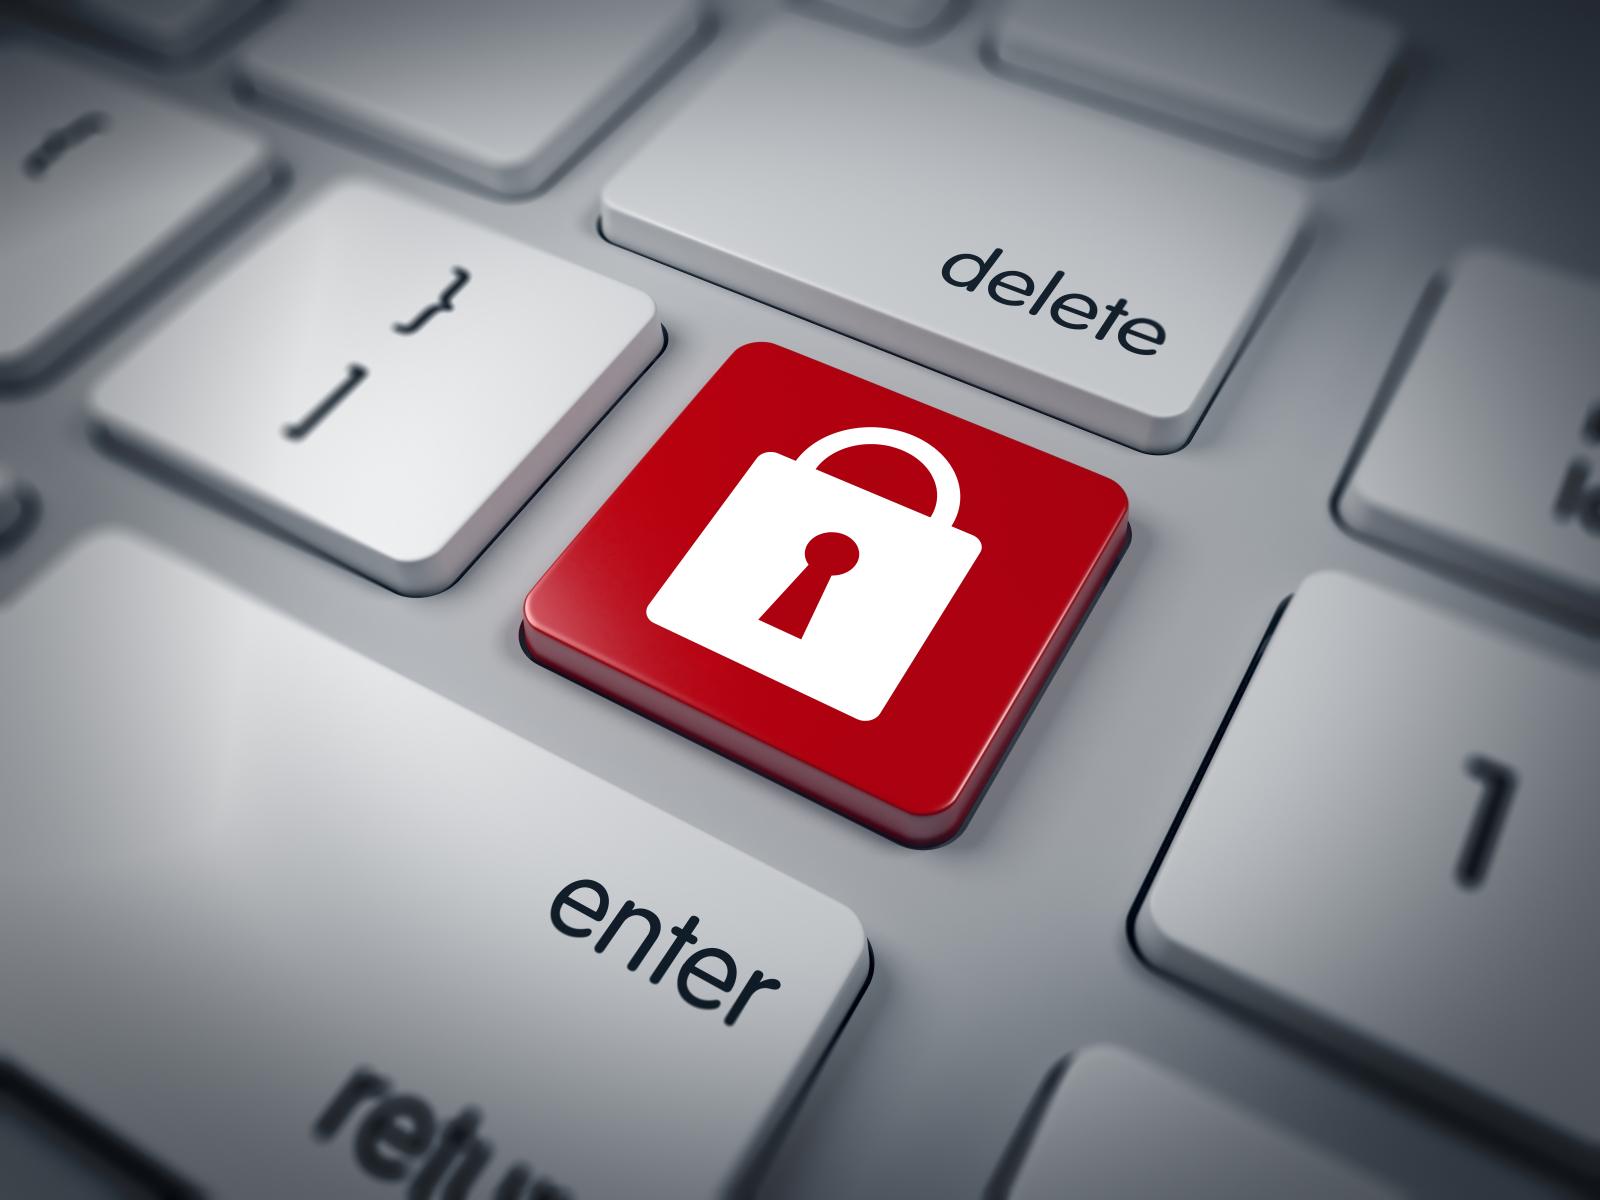 Chuyên gia an ninh mạng Ngô Tuấn Anh: Giới công nghệ nên kiềm chế